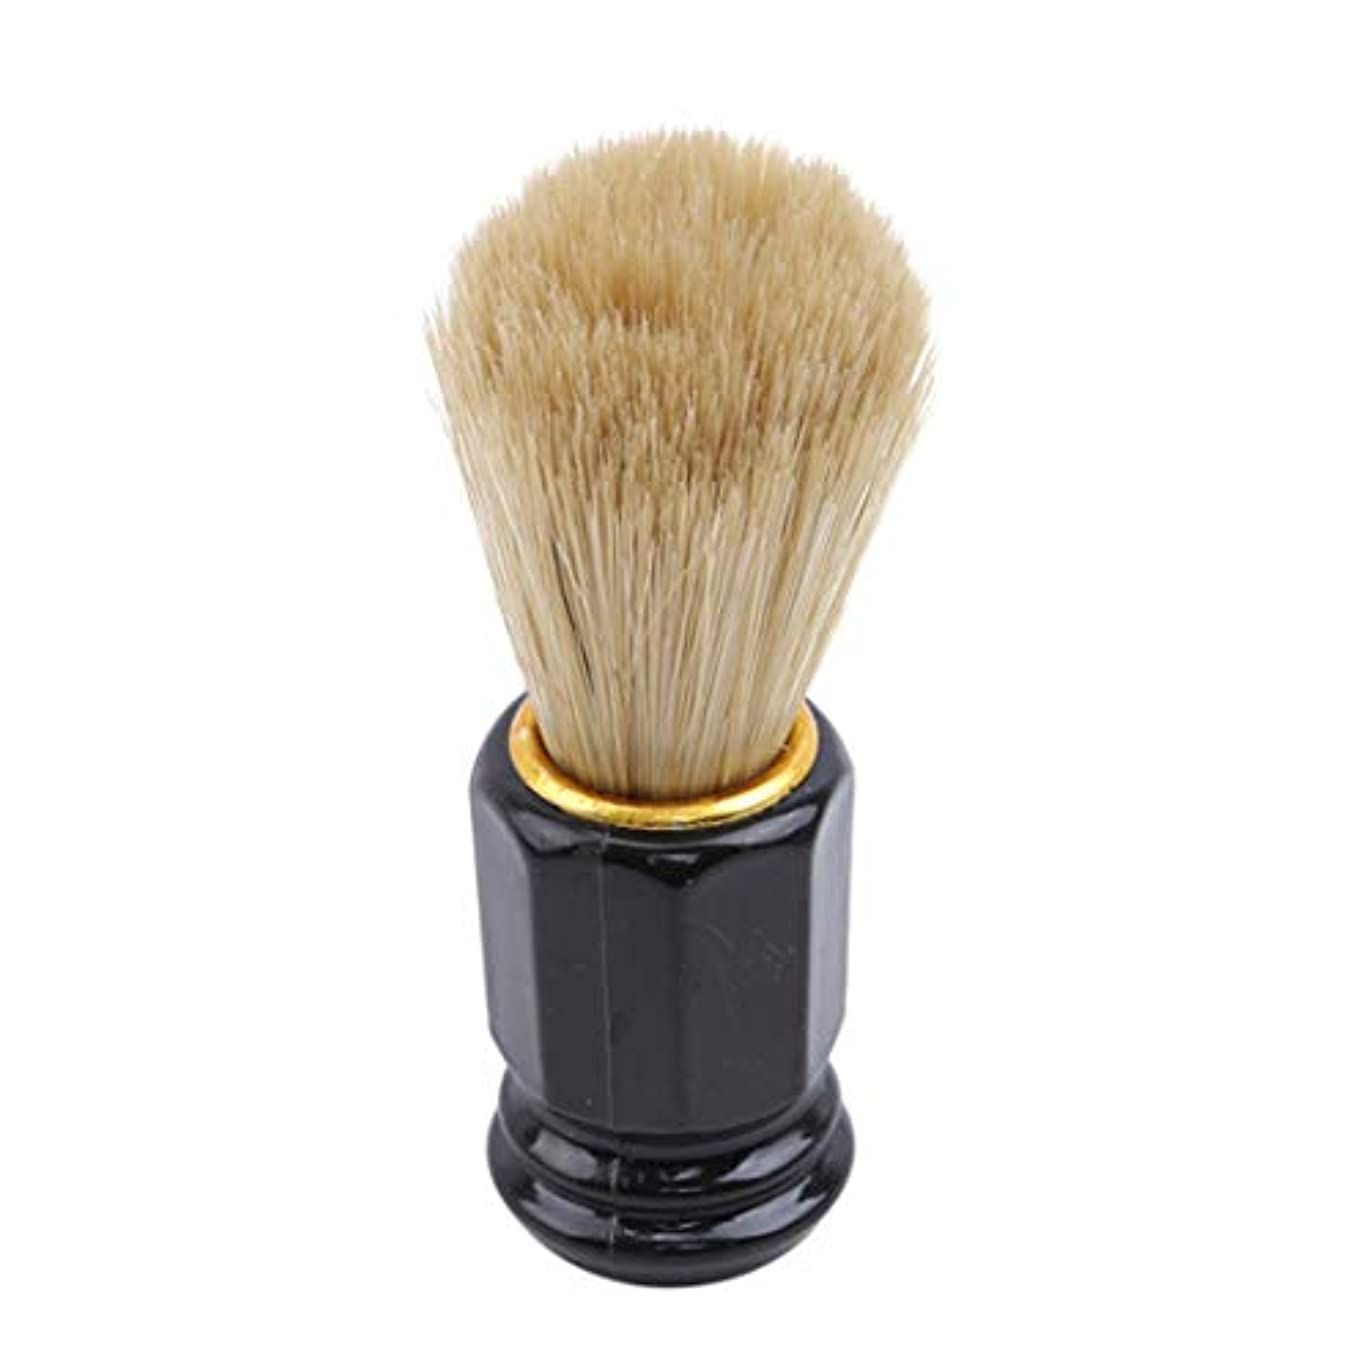 死ぬ窒素是正するUnderleaf 男性フェイスクリーニングシェービングマグブラシボウル理容髭ブラシキット理髪アクセサリー